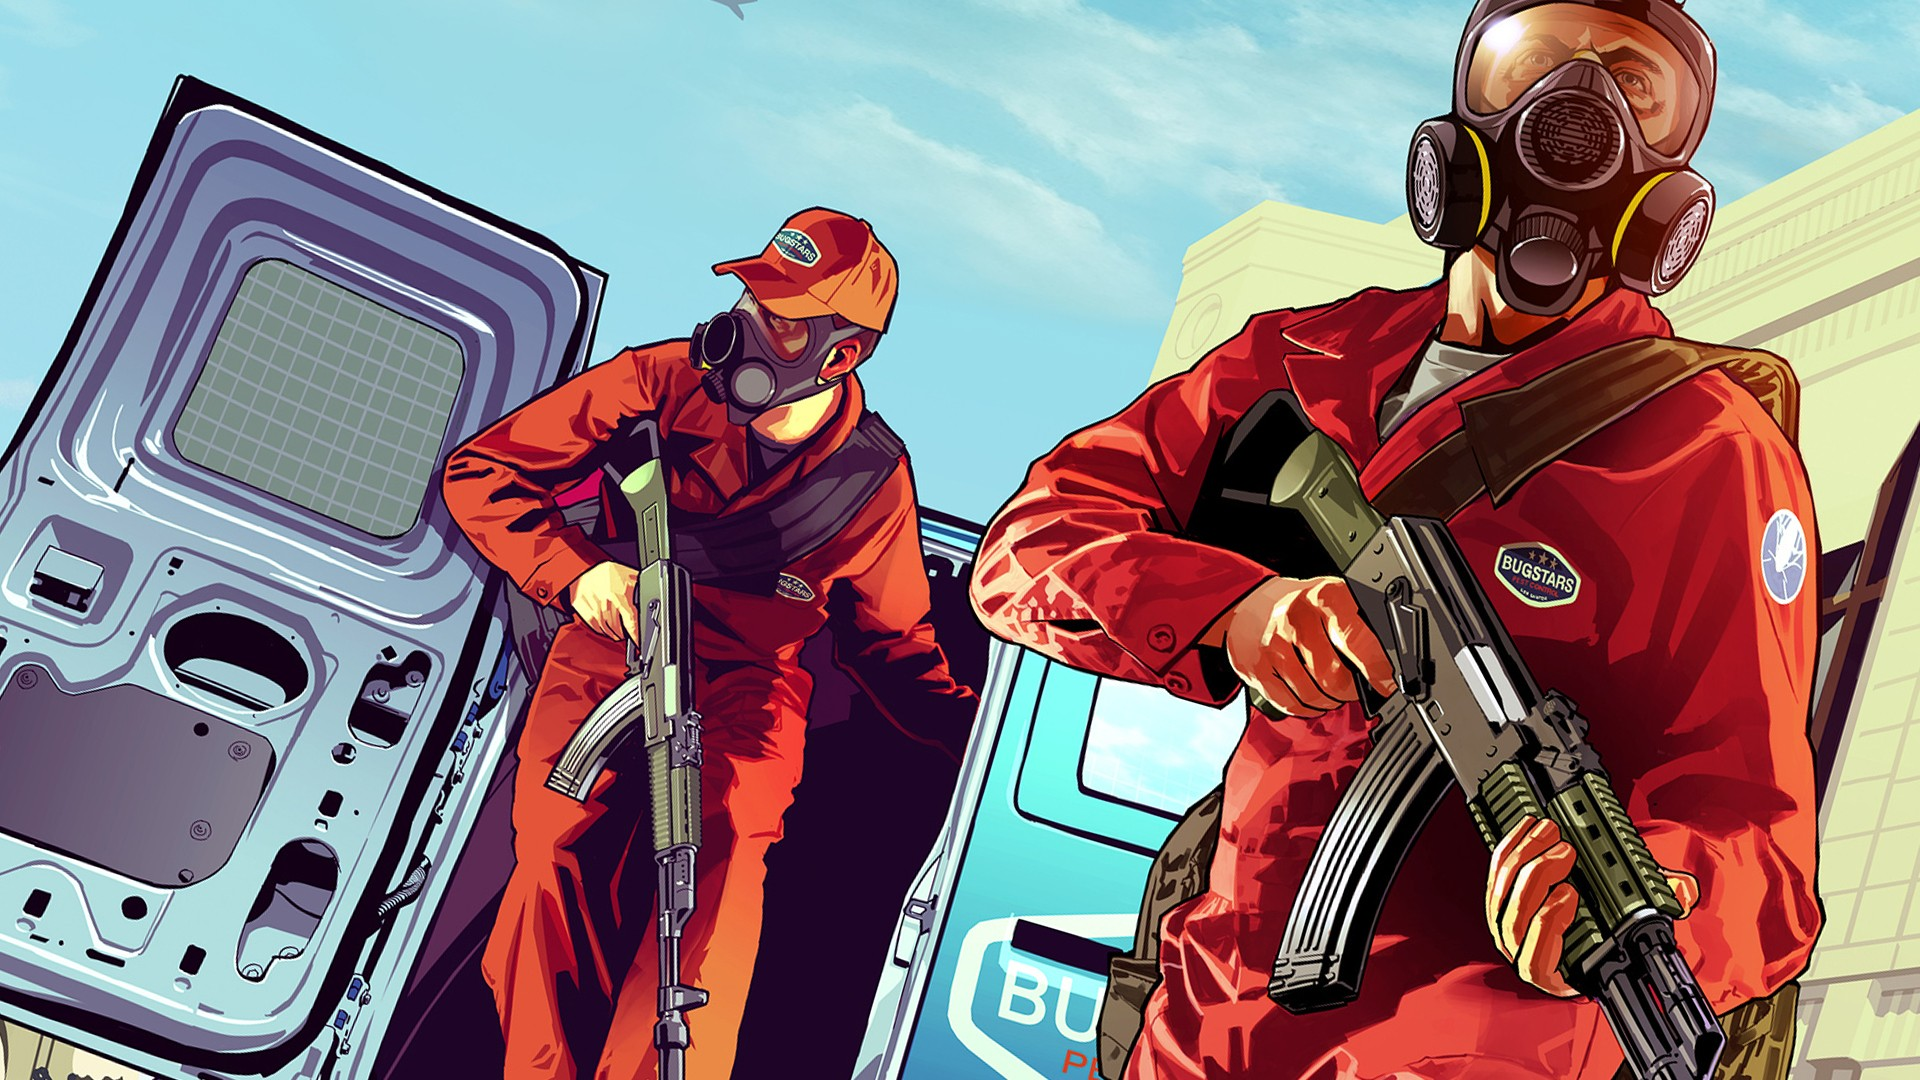 Gta V Iphone 5 Wallpaper Grand Theft Auto V Fond D 233 Cran Hd Arri 232 Re Plan